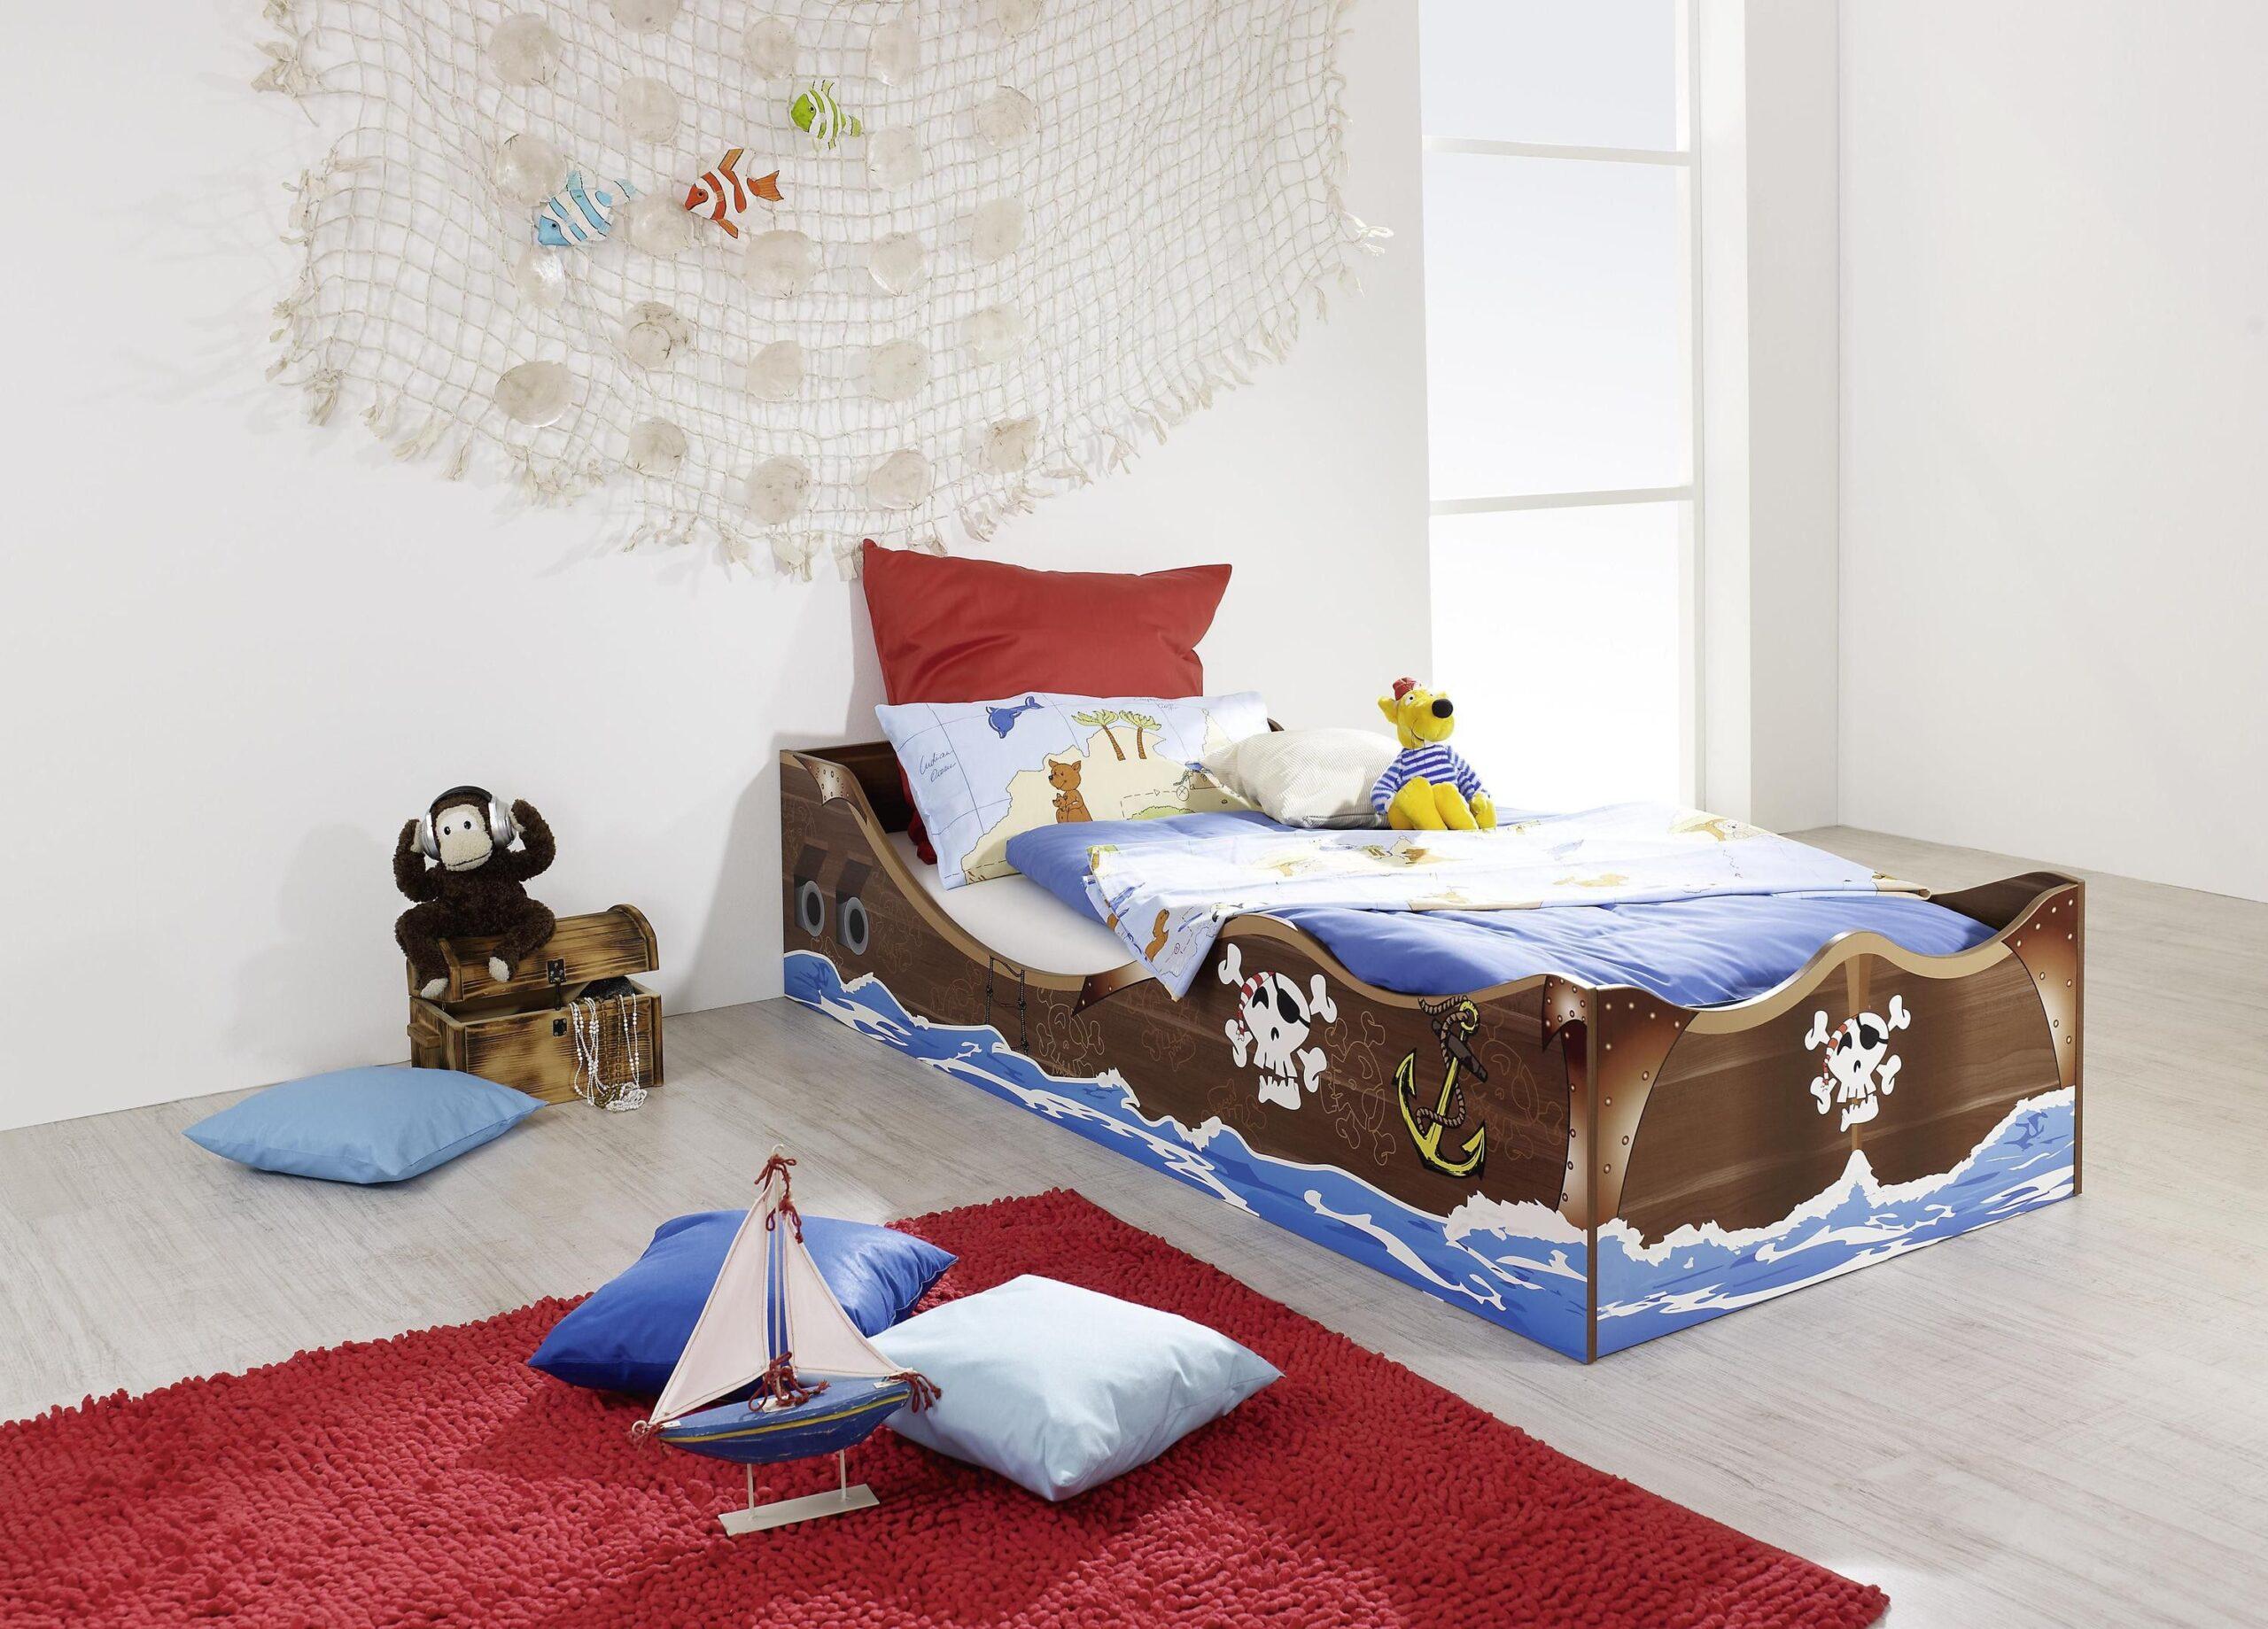 Full Size of Piraten Kinderzimmer Regal Weiß Sofa Regale Kinderzimmer Piraten Kinderzimmer